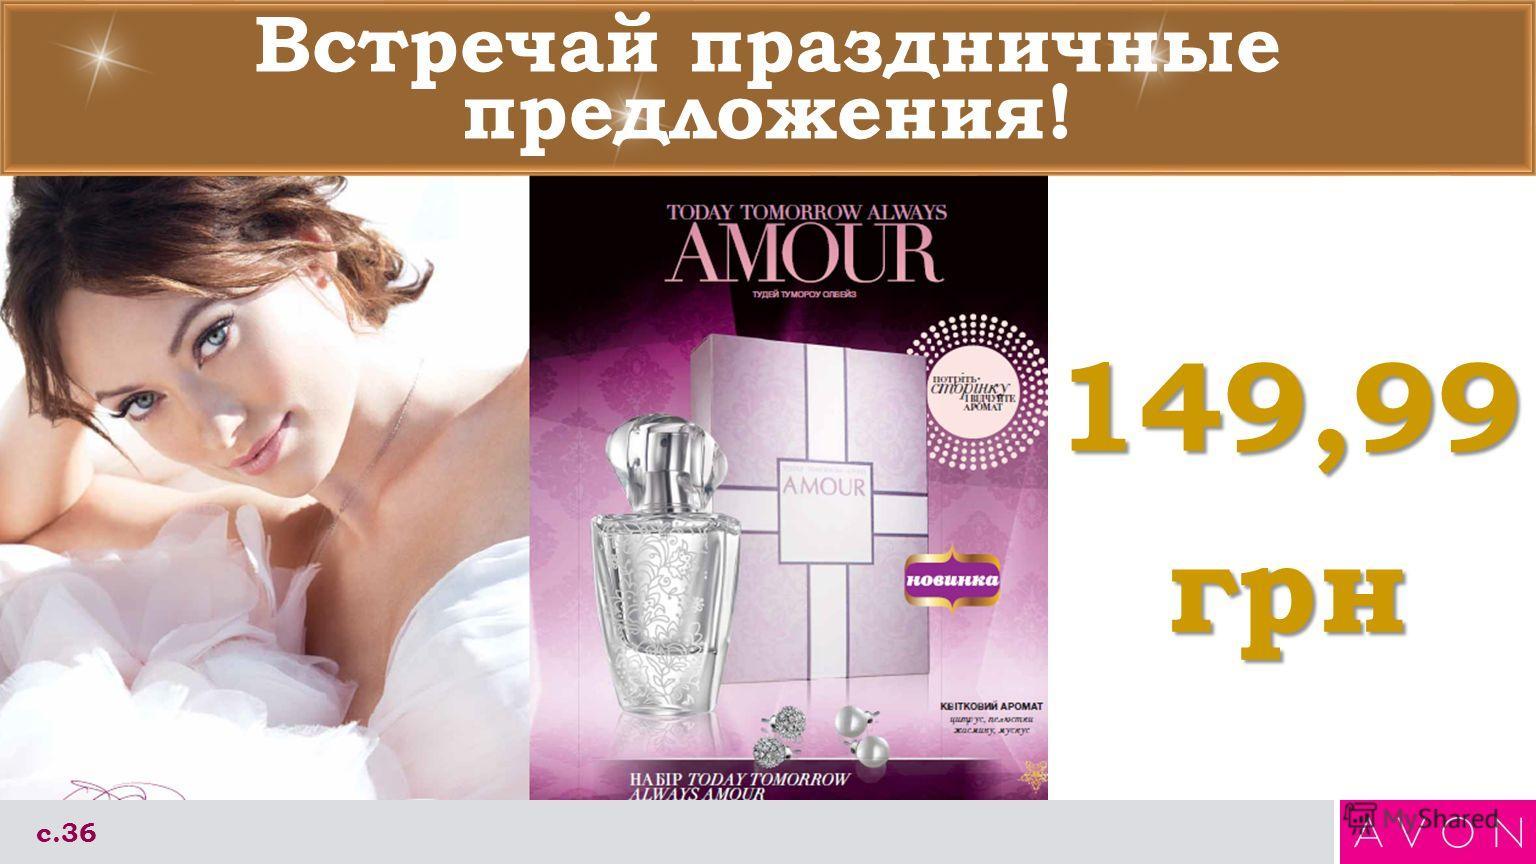 Встречай праздничные предложения! с.36 149,99 грн